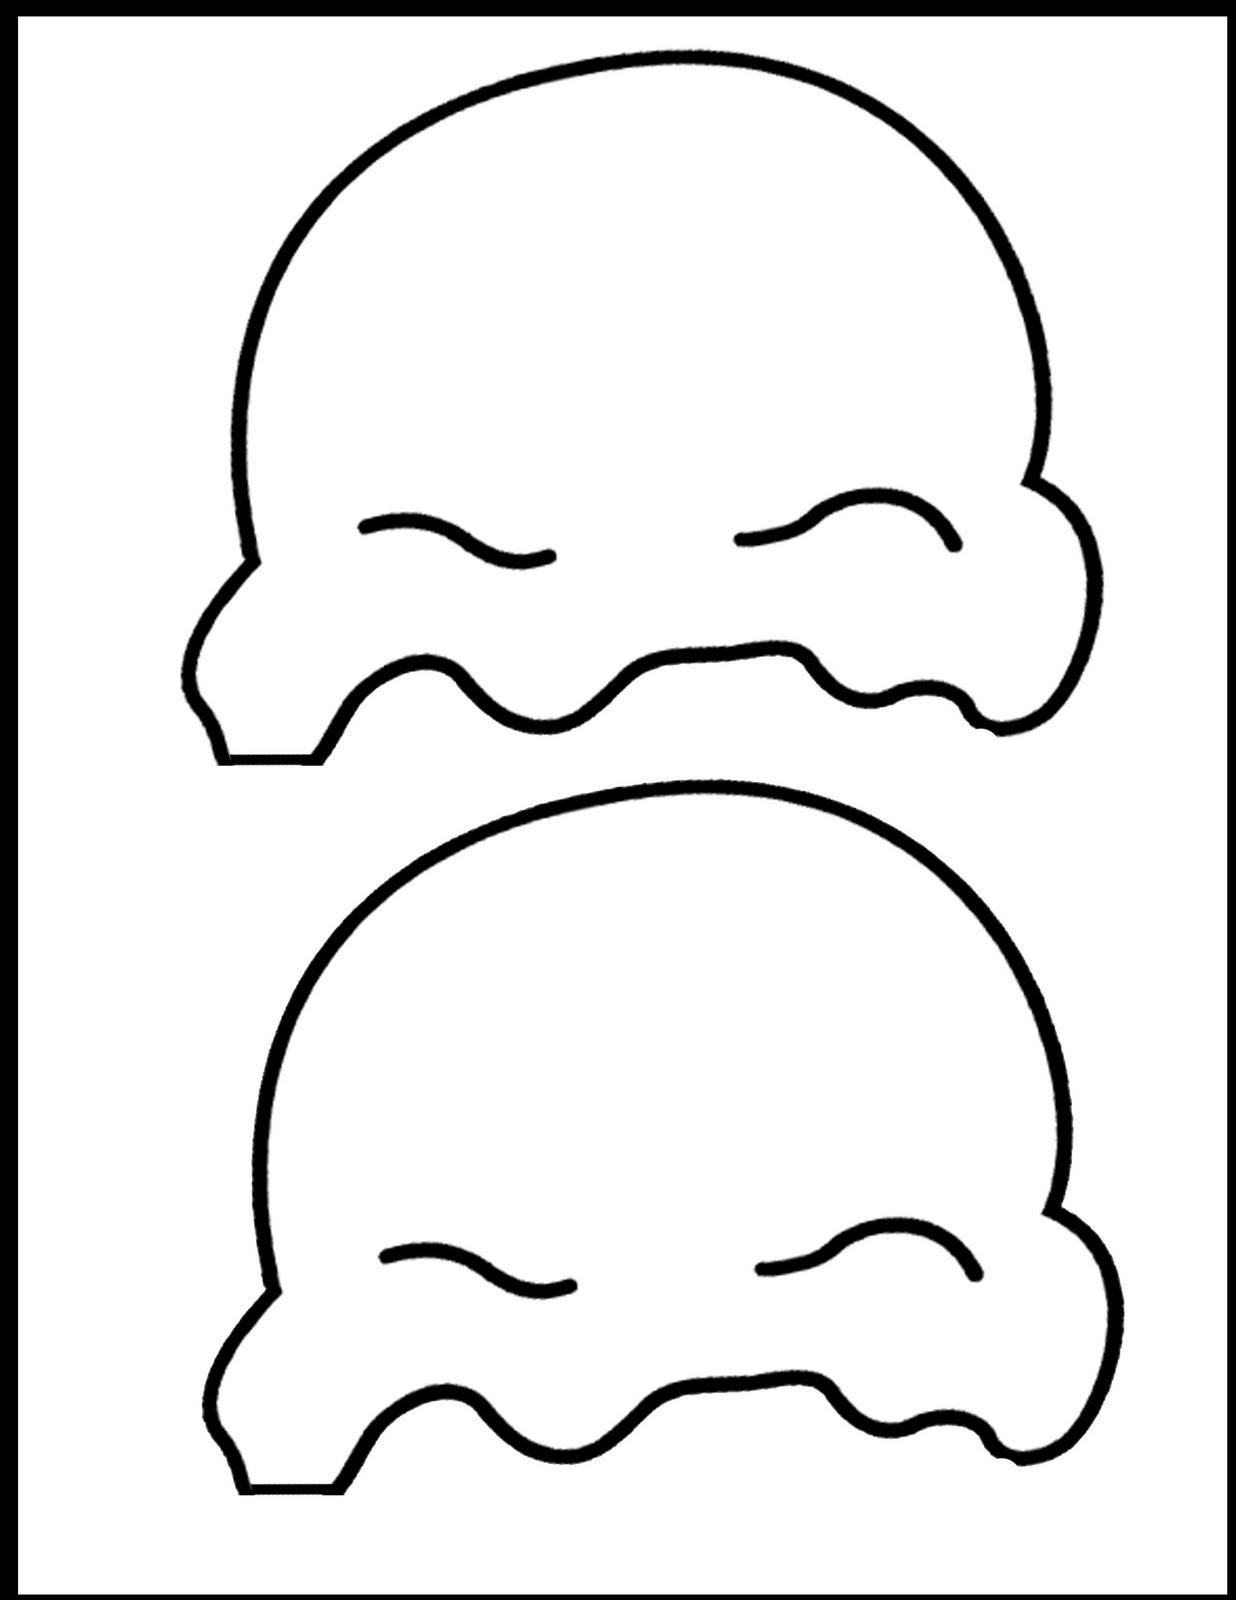 Desenho De Bolas De Sorvete Para Colorir Tudodesenhos